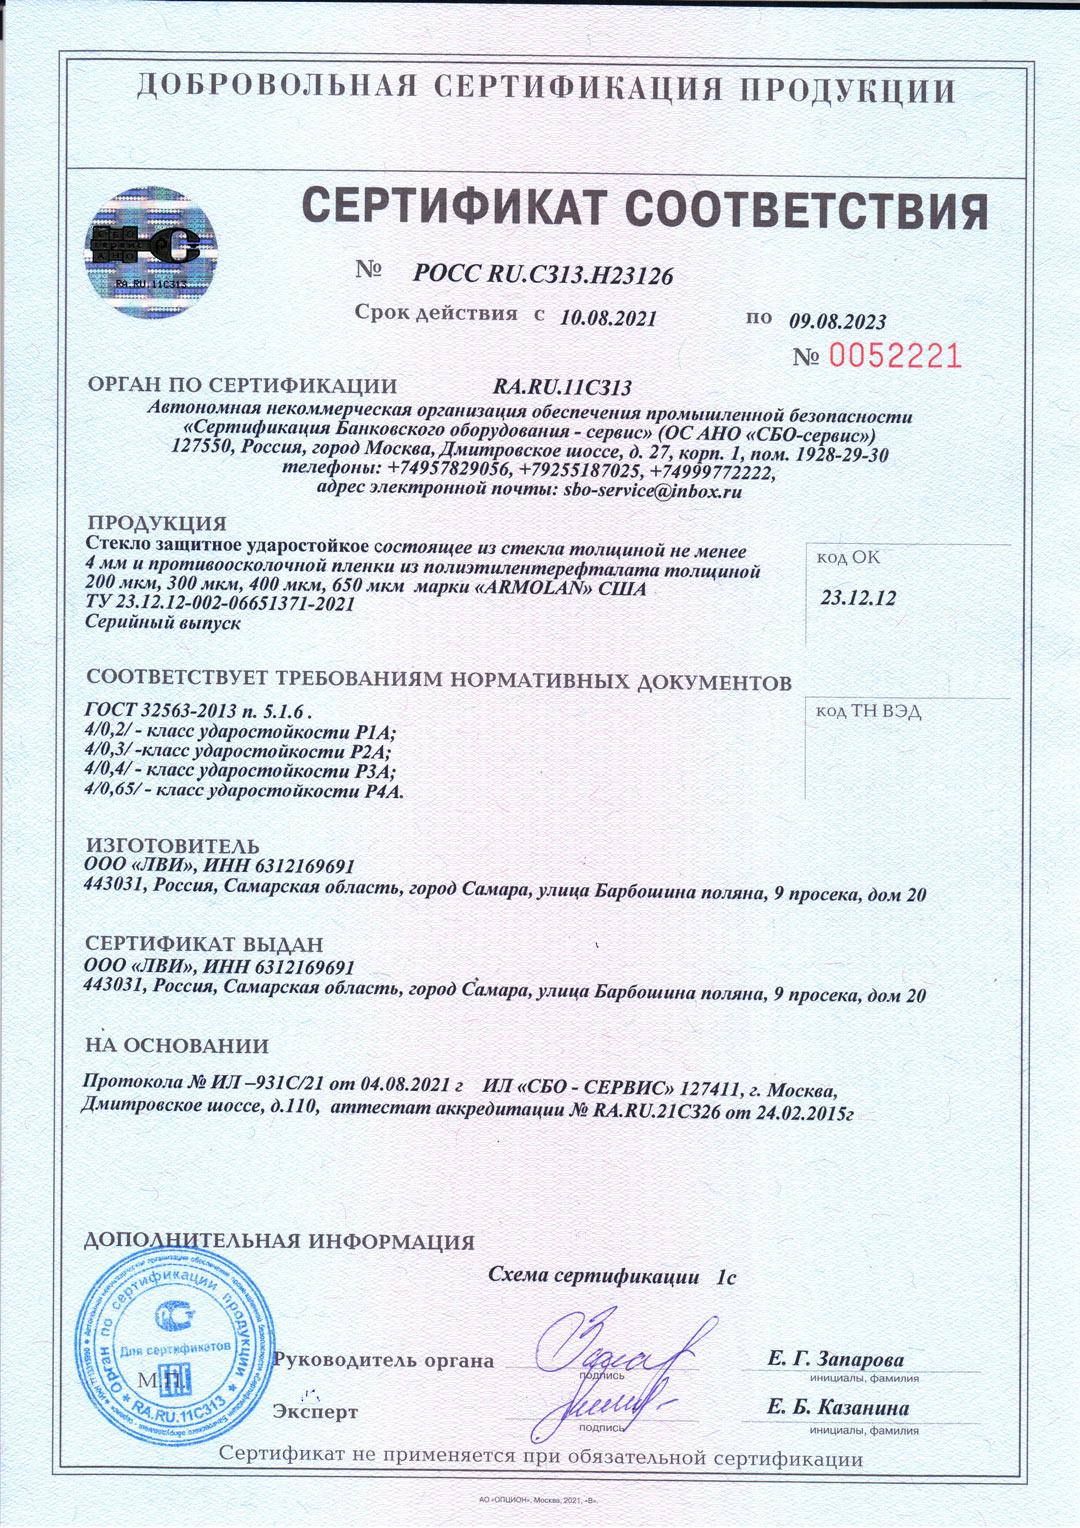 Сертификат соответствия Армолан защитная пленка